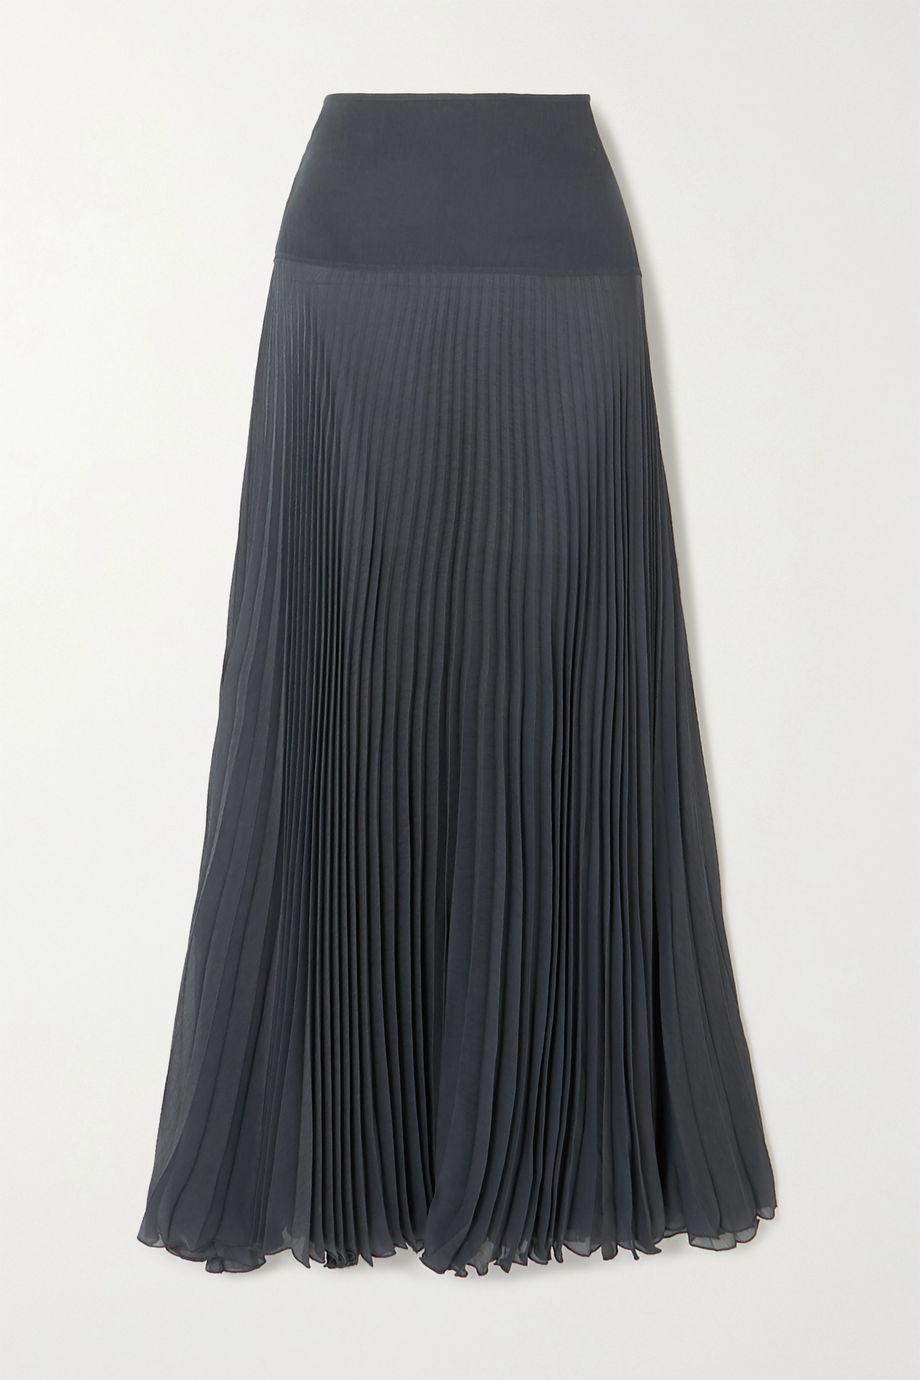 Chloé Jupe longue en crépon plissé